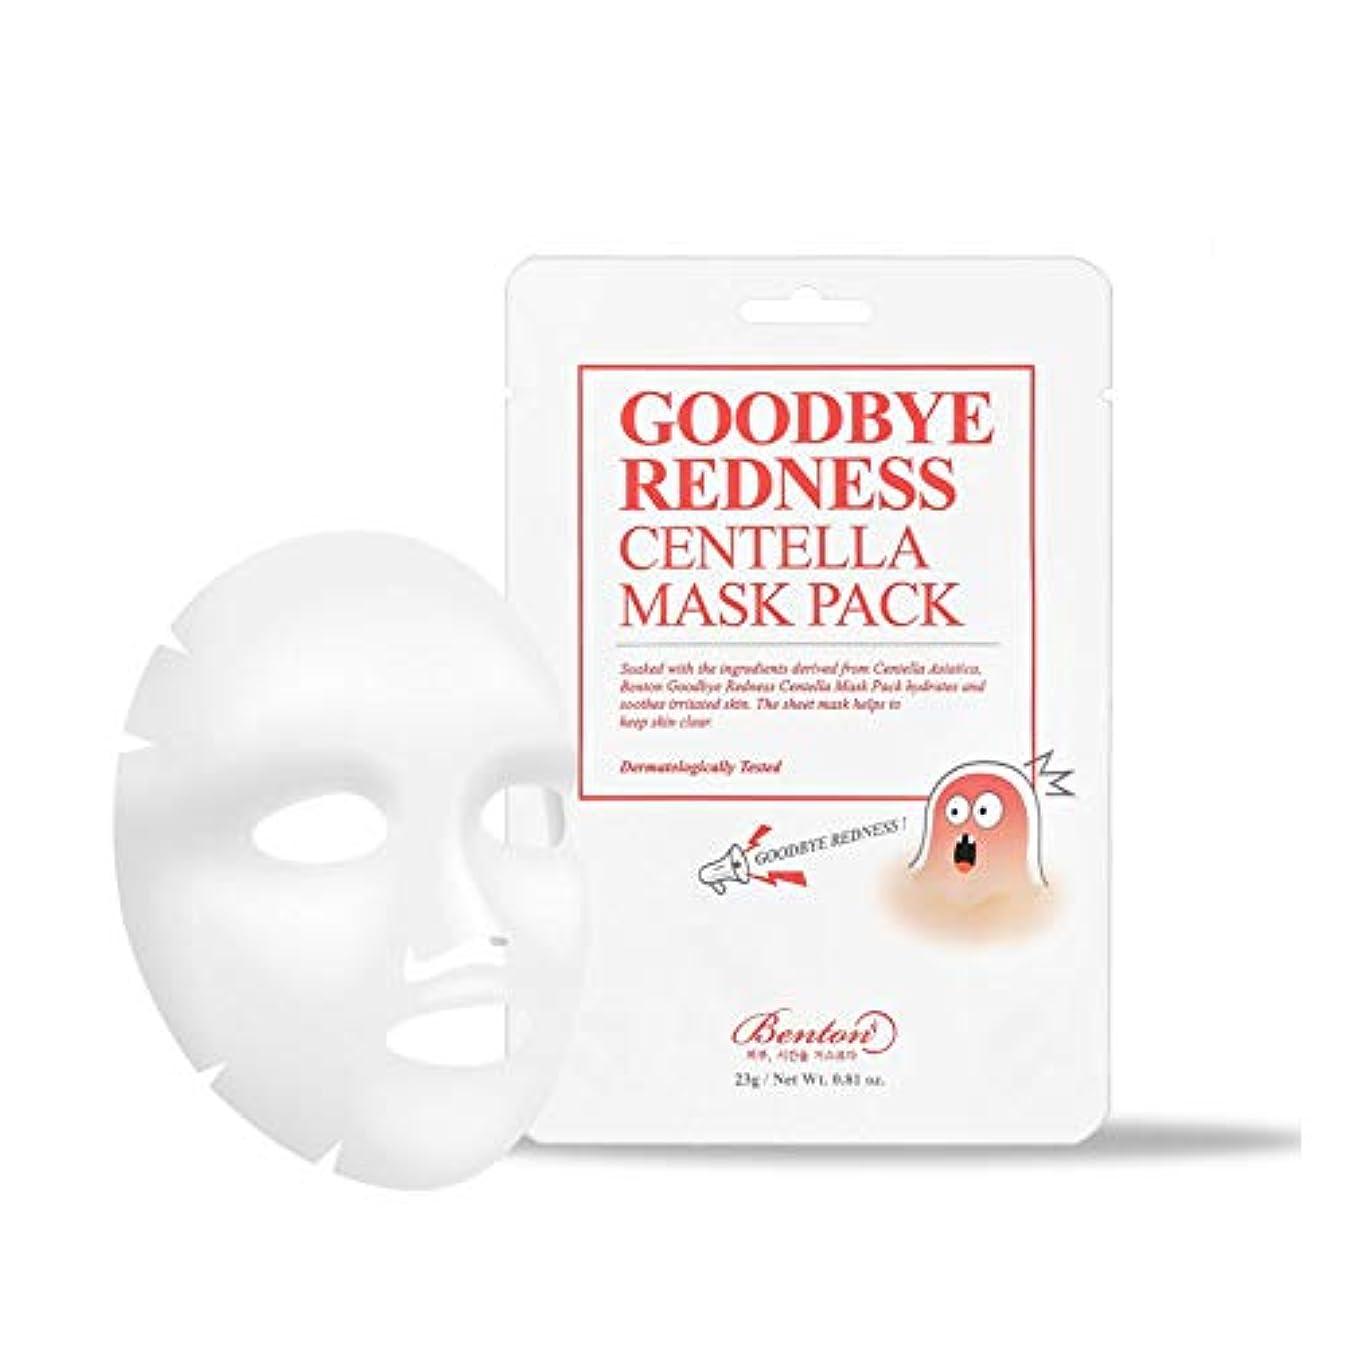 誇張文明化する触覚BENTON ベントン Goodbye Redness Centella Mask Pack Sheet 10 EA グッバイレッドネスセンテラマスクパック 10個 [並行輸入品]